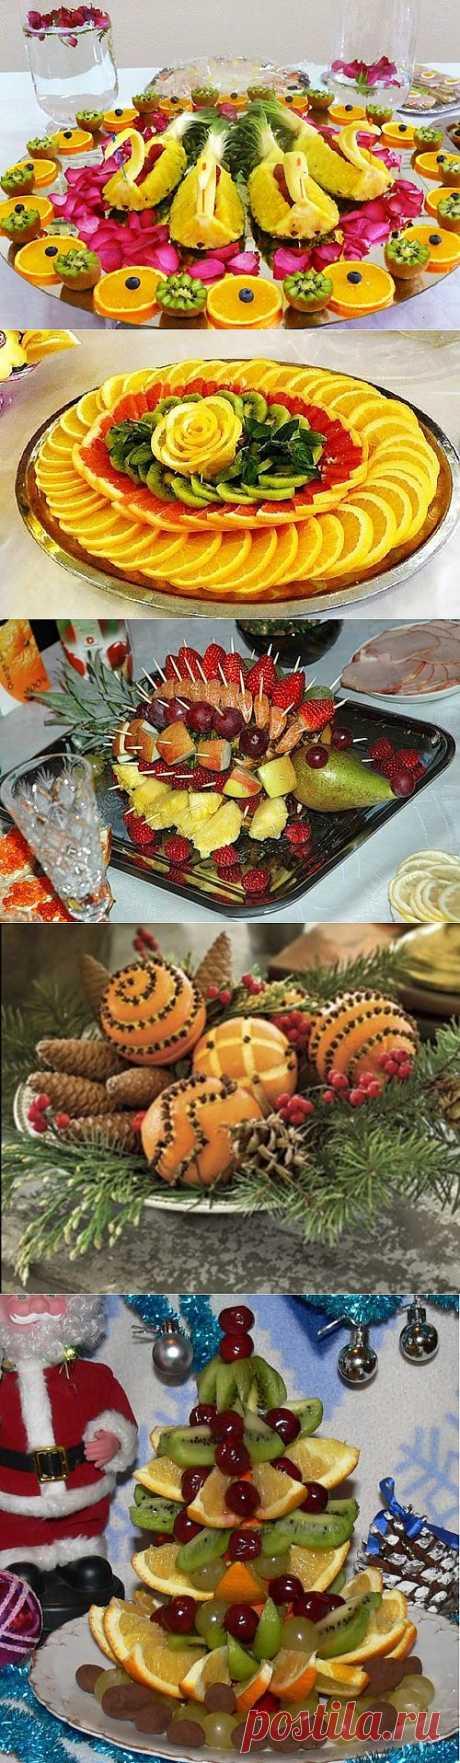 Идеи оформления фруктовых тарелок / Простые рецепты